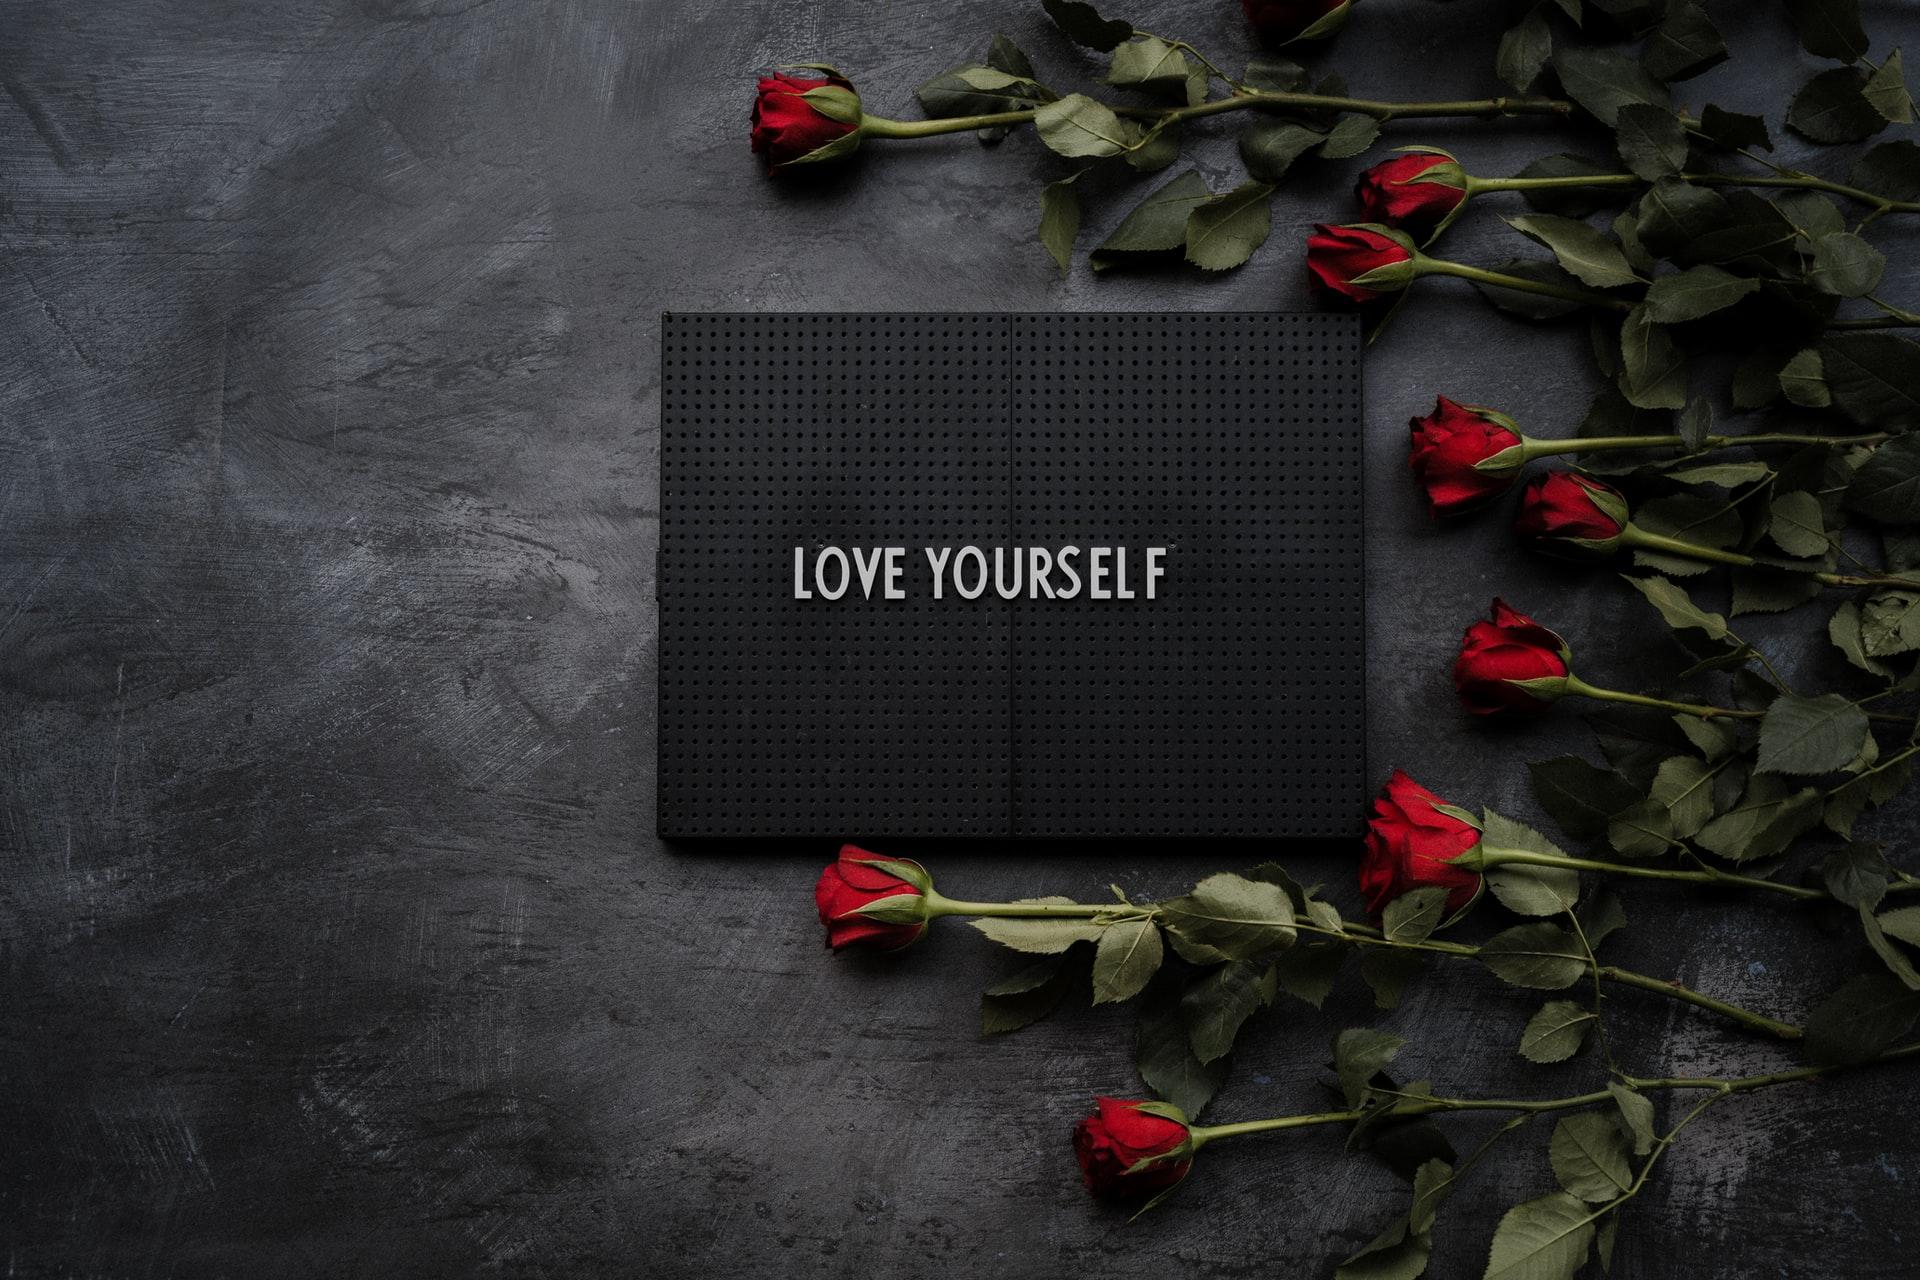 love youself